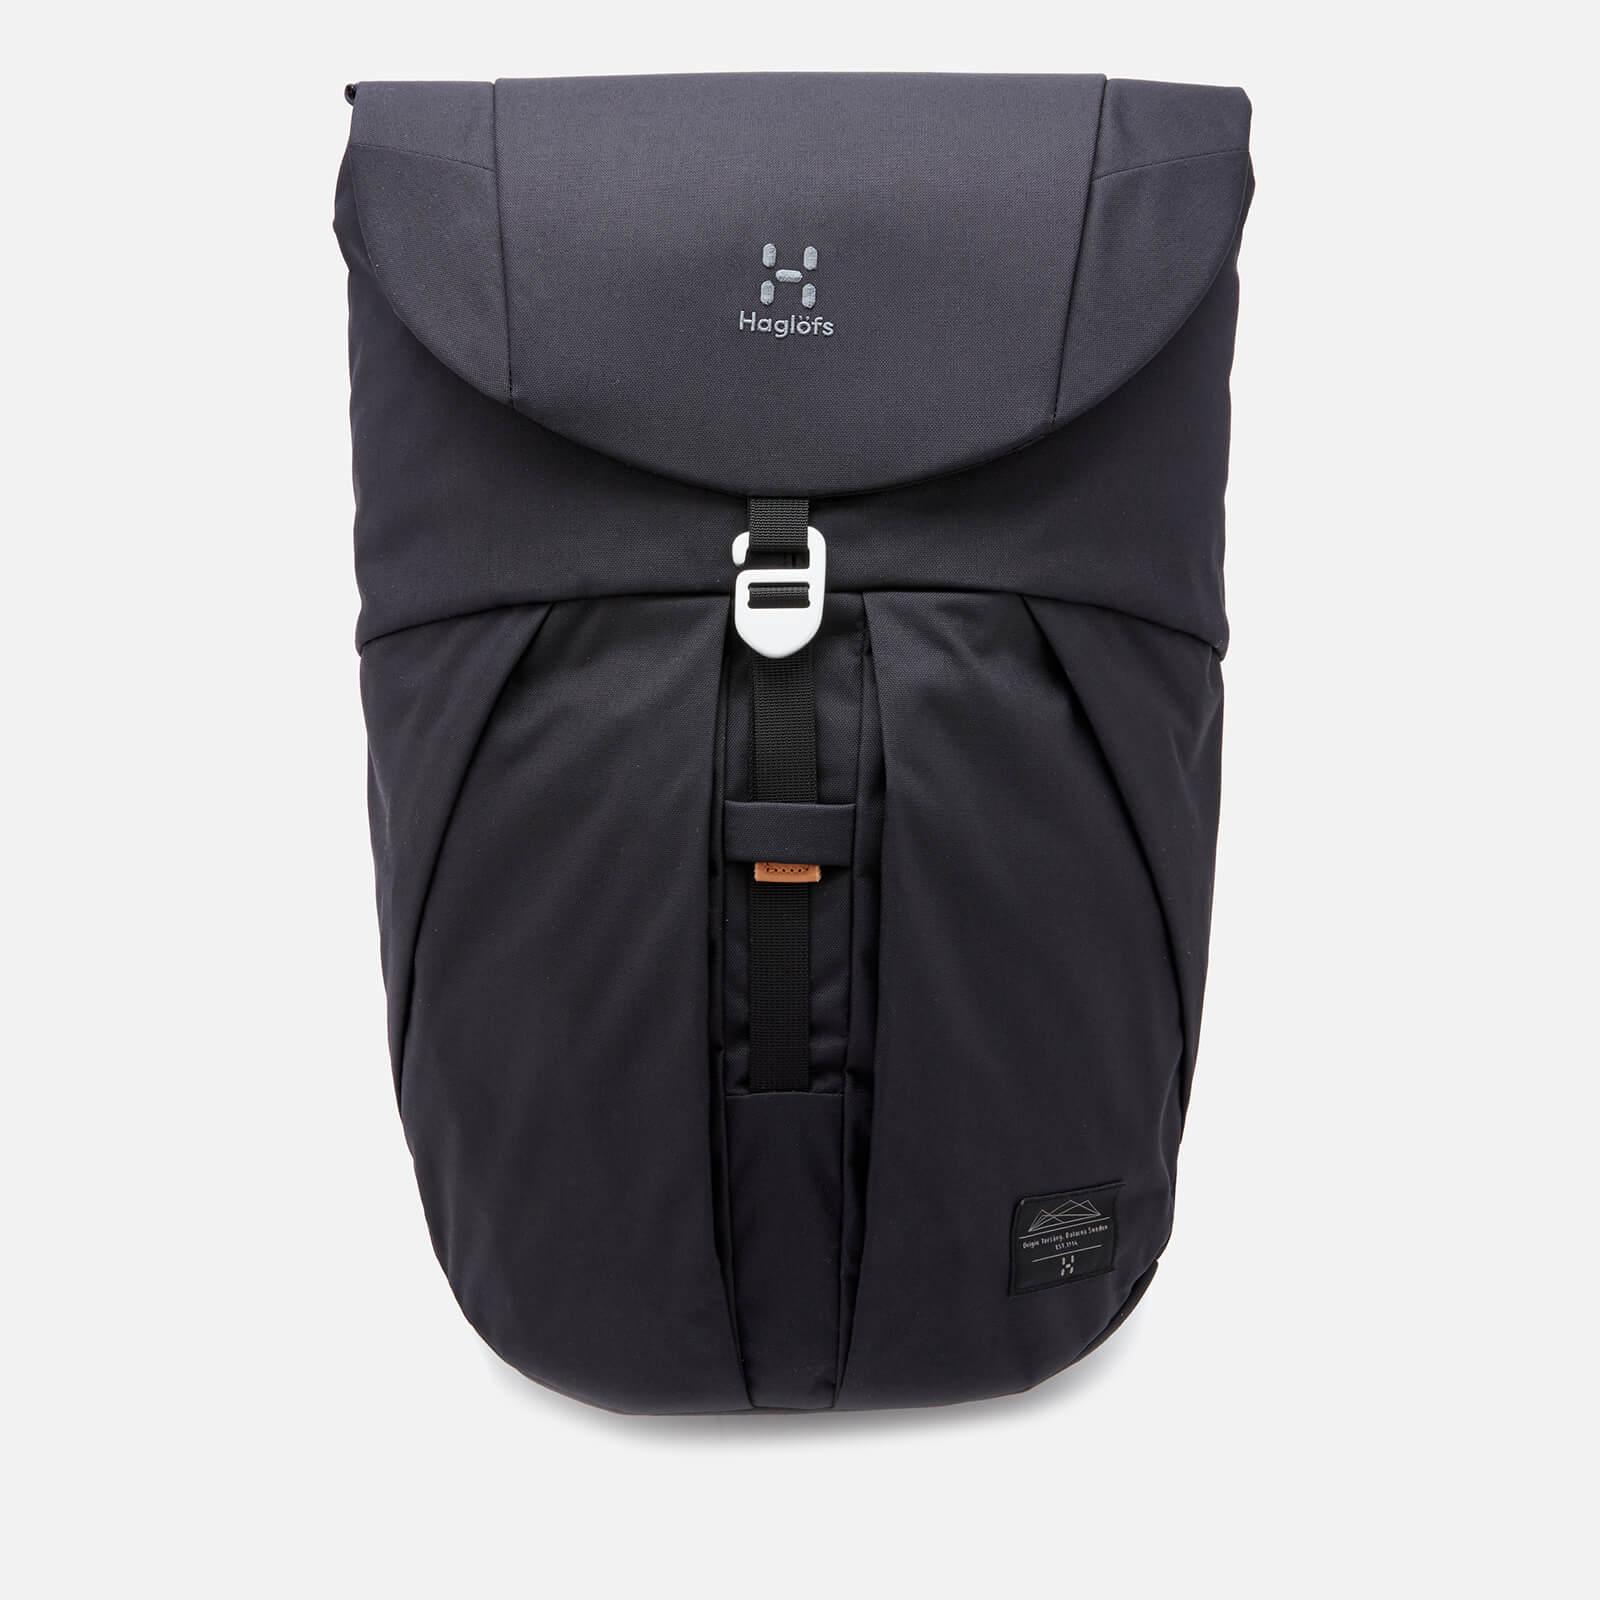 Haglofs Men's Torsang Backpack - True Black